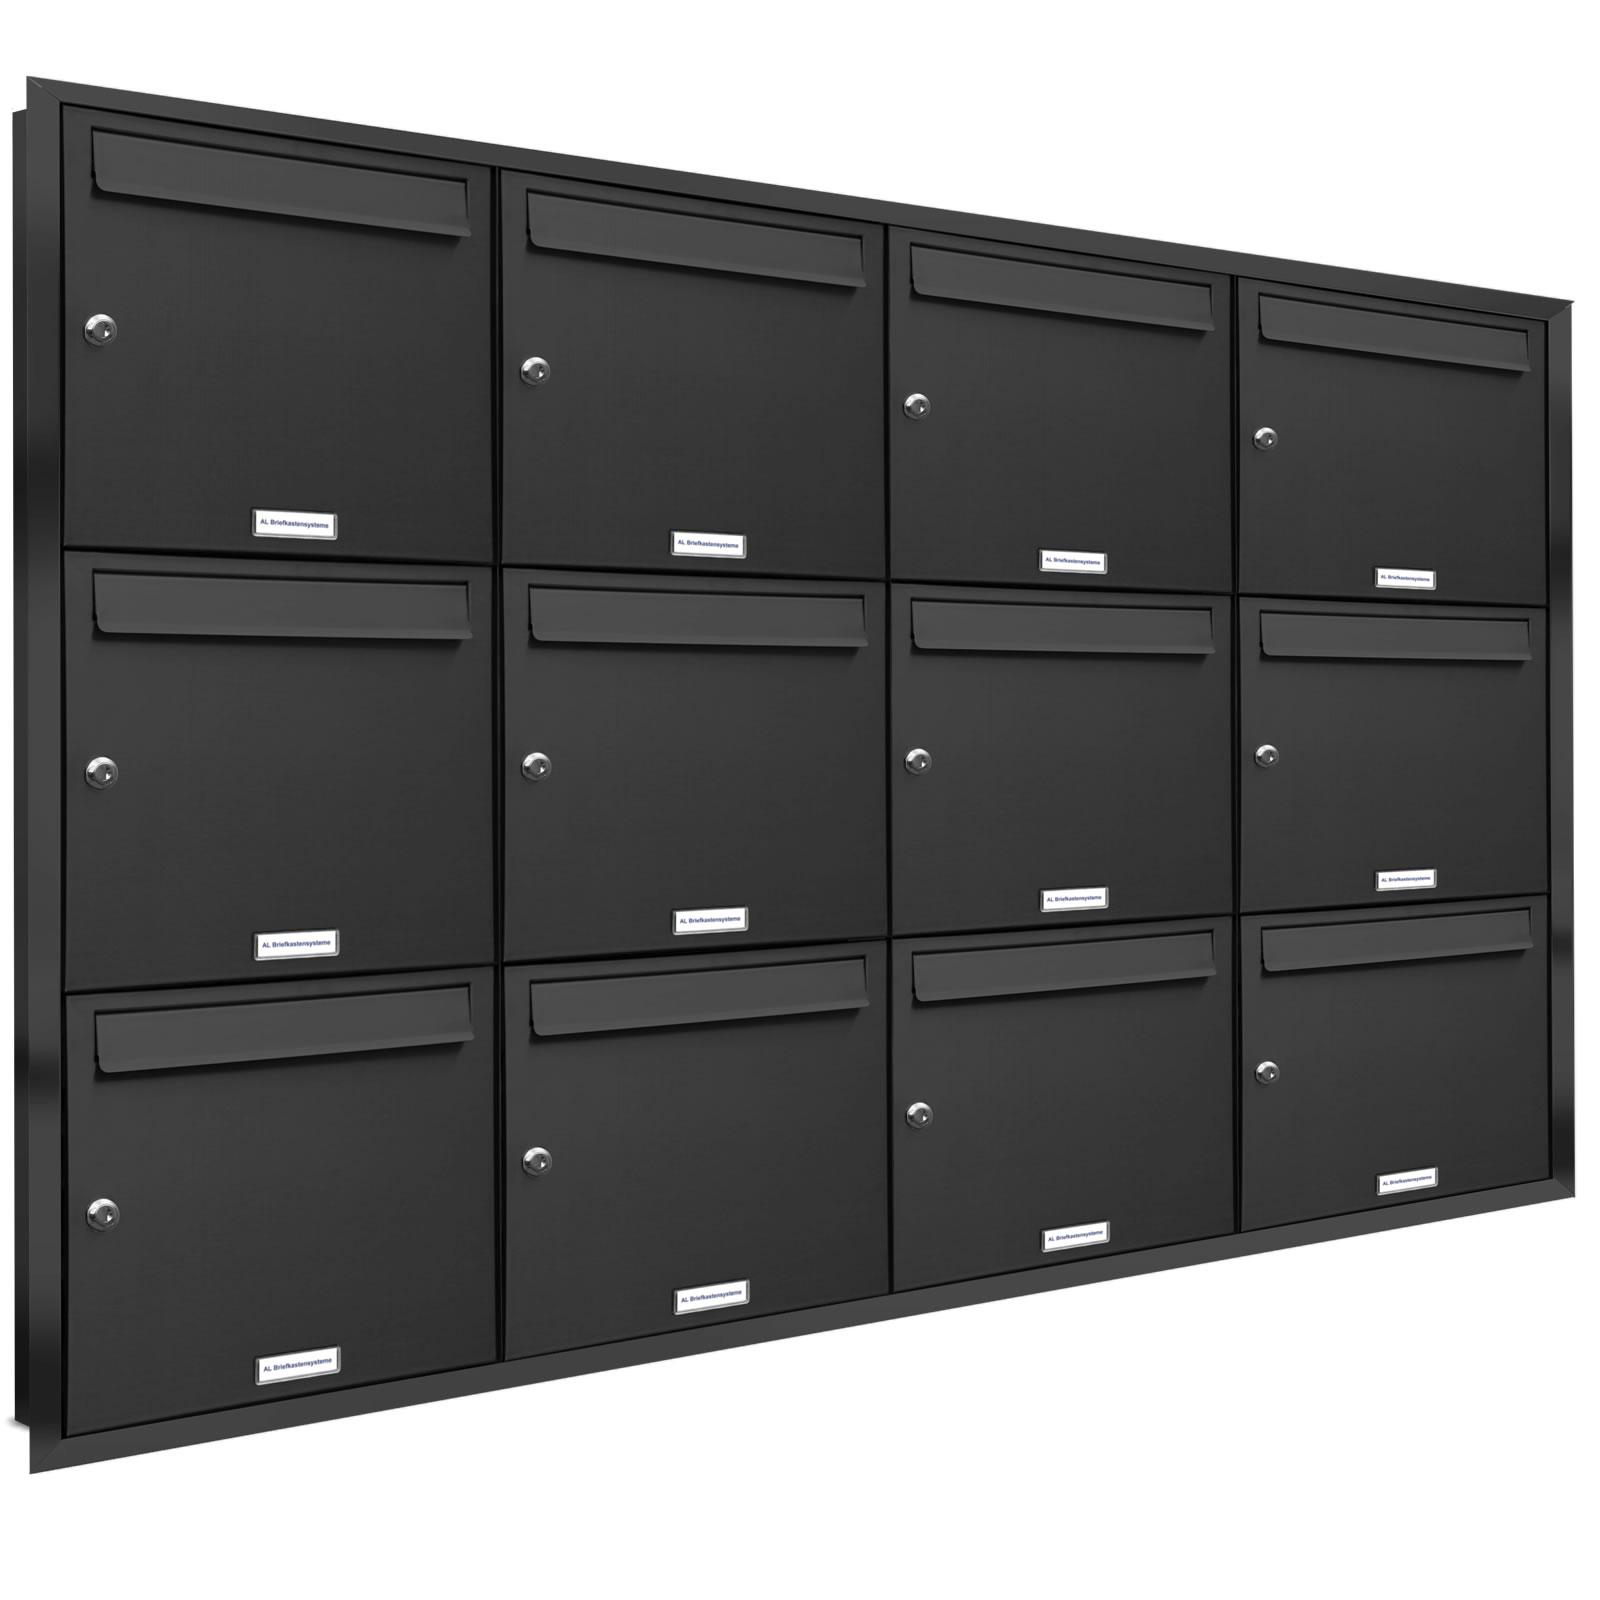 12er premium briefkasten anthrazit ral 7016 12 fach unterputz anlage postkasten ebay. Black Bedroom Furniture Sets. Home Design Ideas